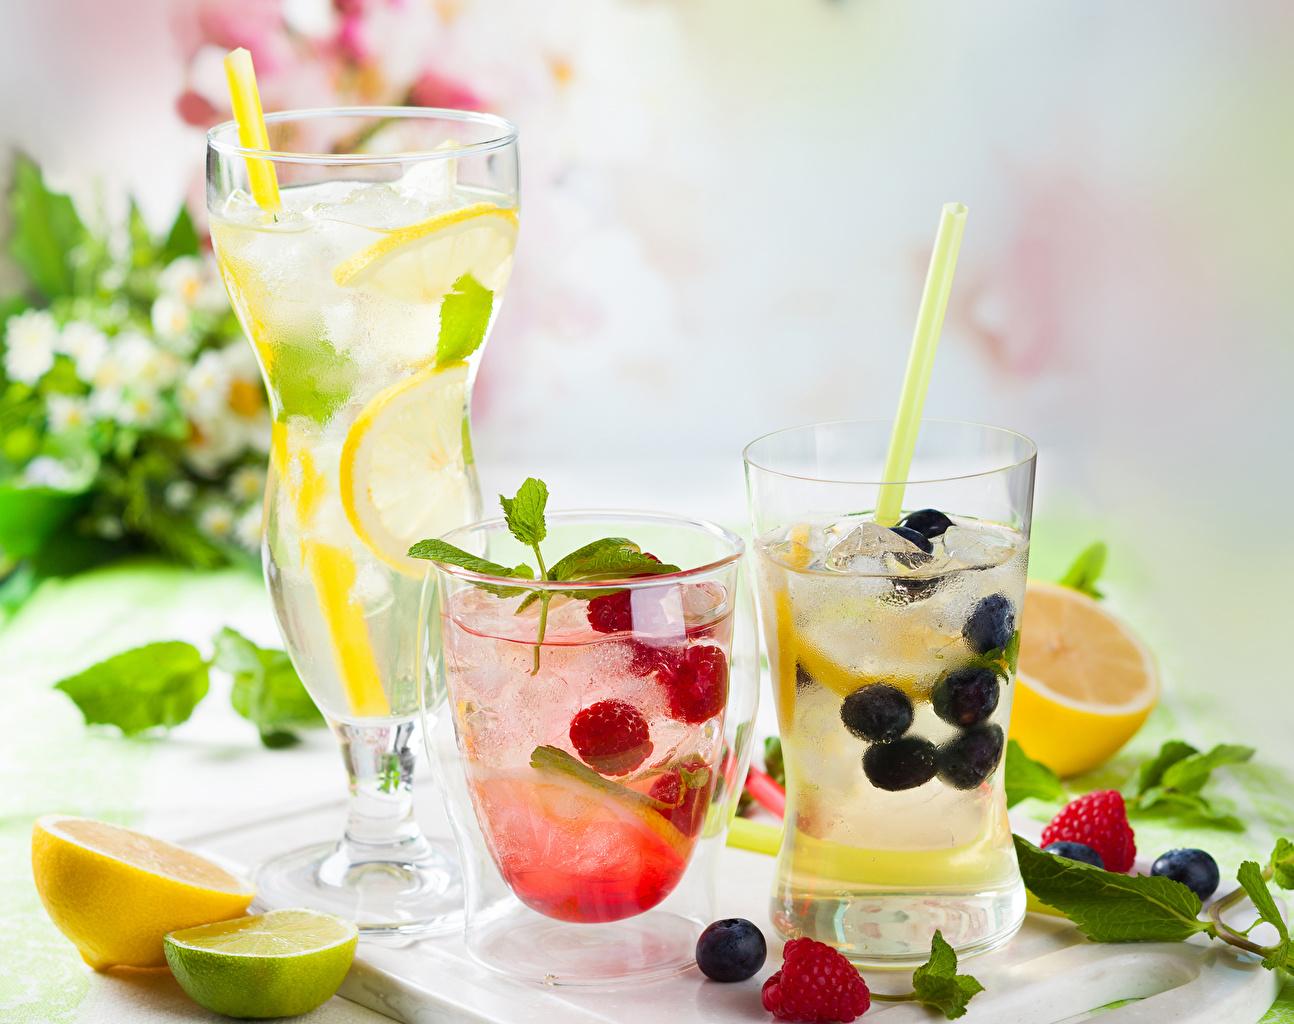 Обои для рабочего стола Лайм Лимонад Лимоны Малина стакана Черника Пища Фрукты напиток Стакан стакане Еда Продукты питания Напитки